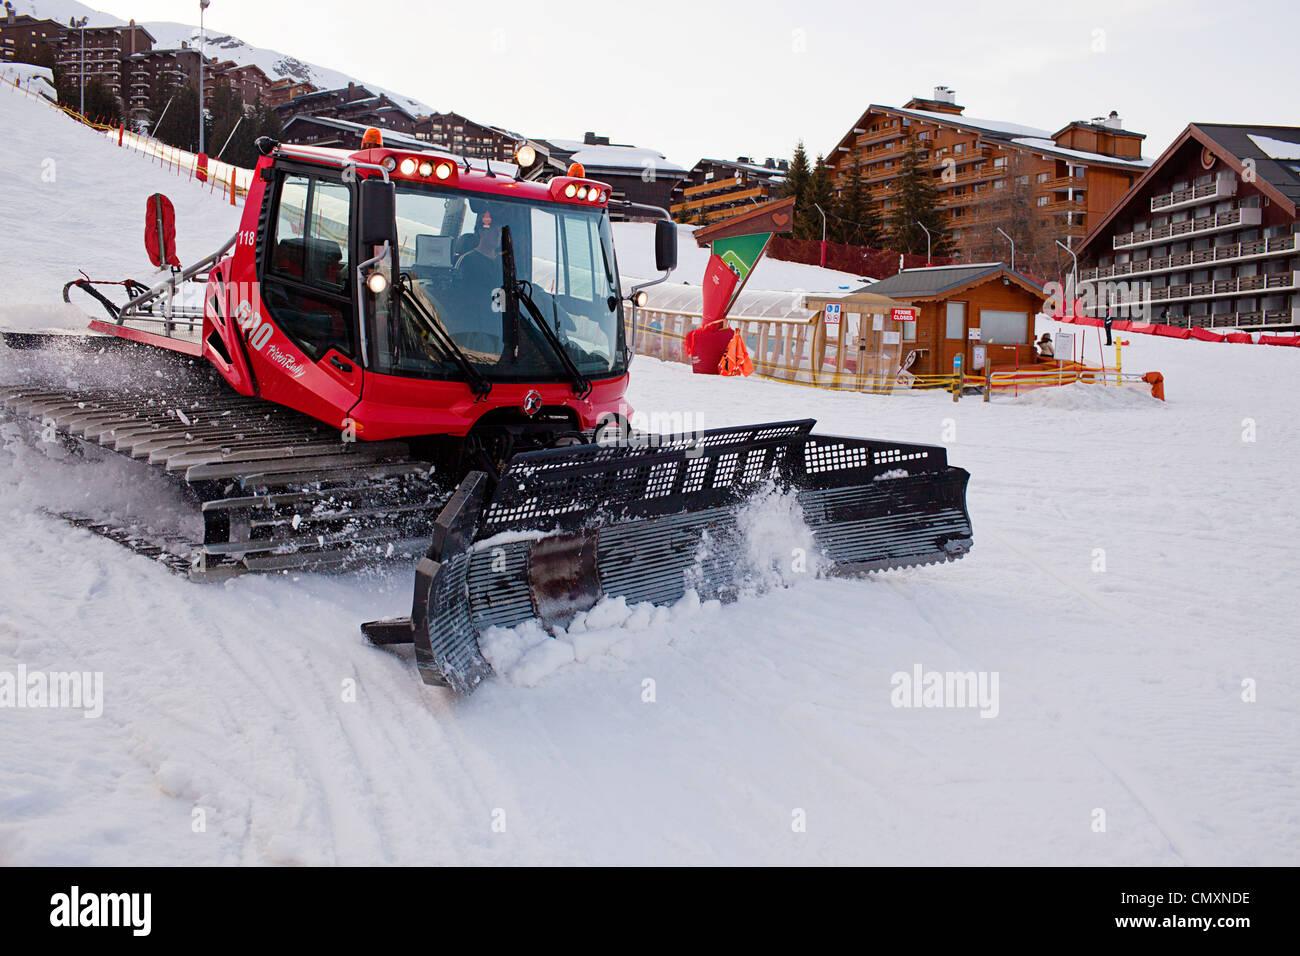 Mottaret Snowplow - Stock Image